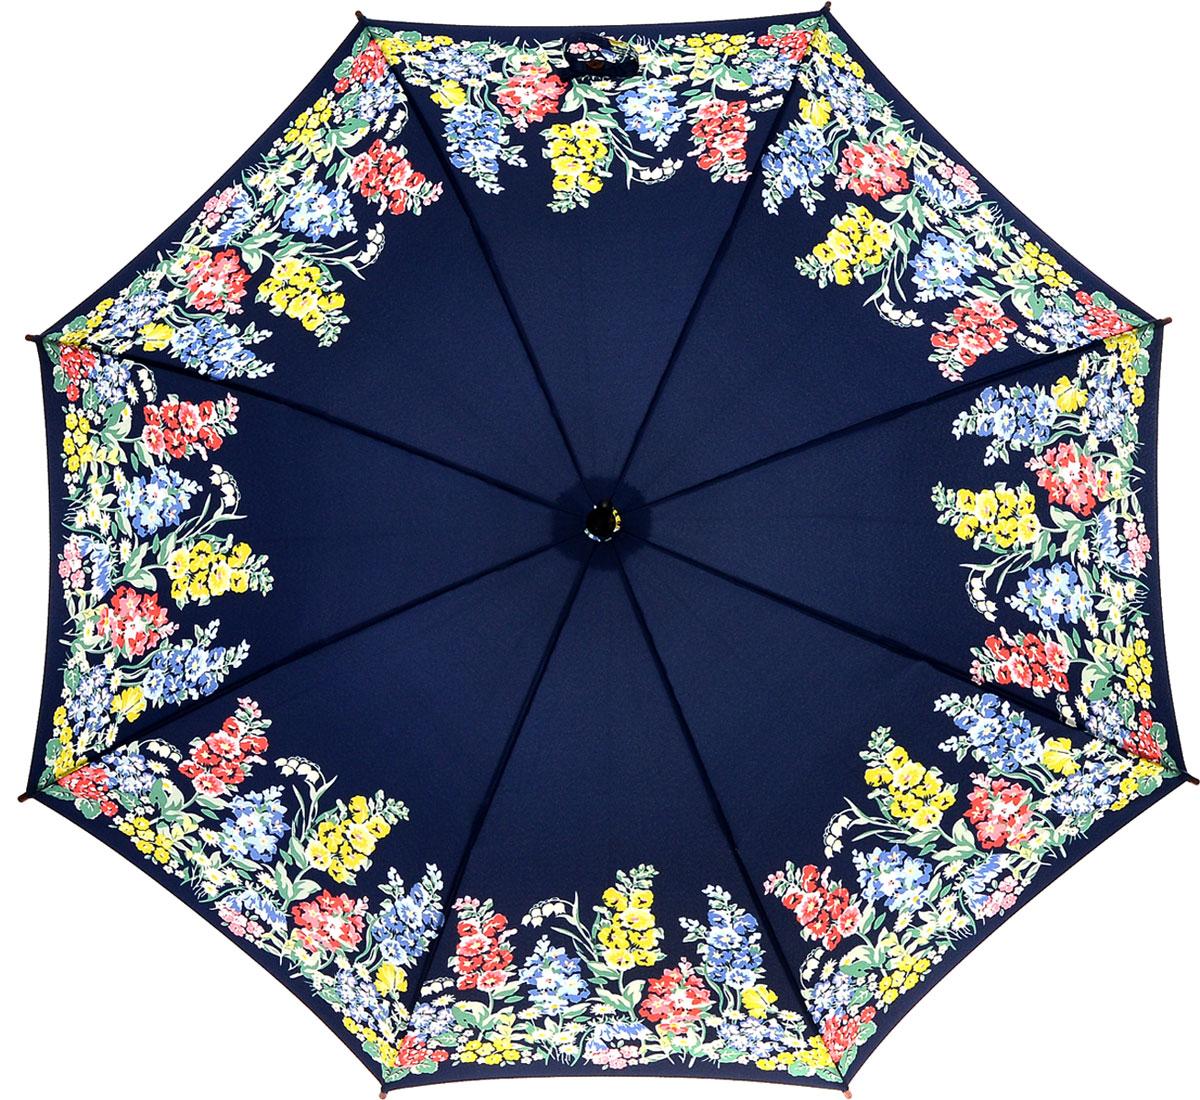 Зонт-трость женский Cath Kidston Kensington, механический, цвет: темно-синий, желтый, зеленый, розовый. L541-3142L541-3142 HerbaceousBorderЯркий механический зонт-трость Cath Kidston Kensington даже в ненастную погоду позволит вам оставаться стильной и элегантной. Каркас зонта включает 8 спиц из фибергласса с деревянным наконечниками. Стержень изготовлен из дерева. Купол зонта выполнен из износостойкого полиэстера и оформлен цветочным принтом. Изделие дополнено удобной рукояткой из гладкого дерева. Зонт механического сложения: купол открывается и закрывается вручную до характерного щелчка. Модель дополнительно застегивается с помощью двух хлястиков: на кнопку и липучку с декоративной пуговицей. Такой зонт не только надежно защитит вас от дождя, но и станет стильным аксессуаром, который идеально подчеркнет ваш неповторимый образ.